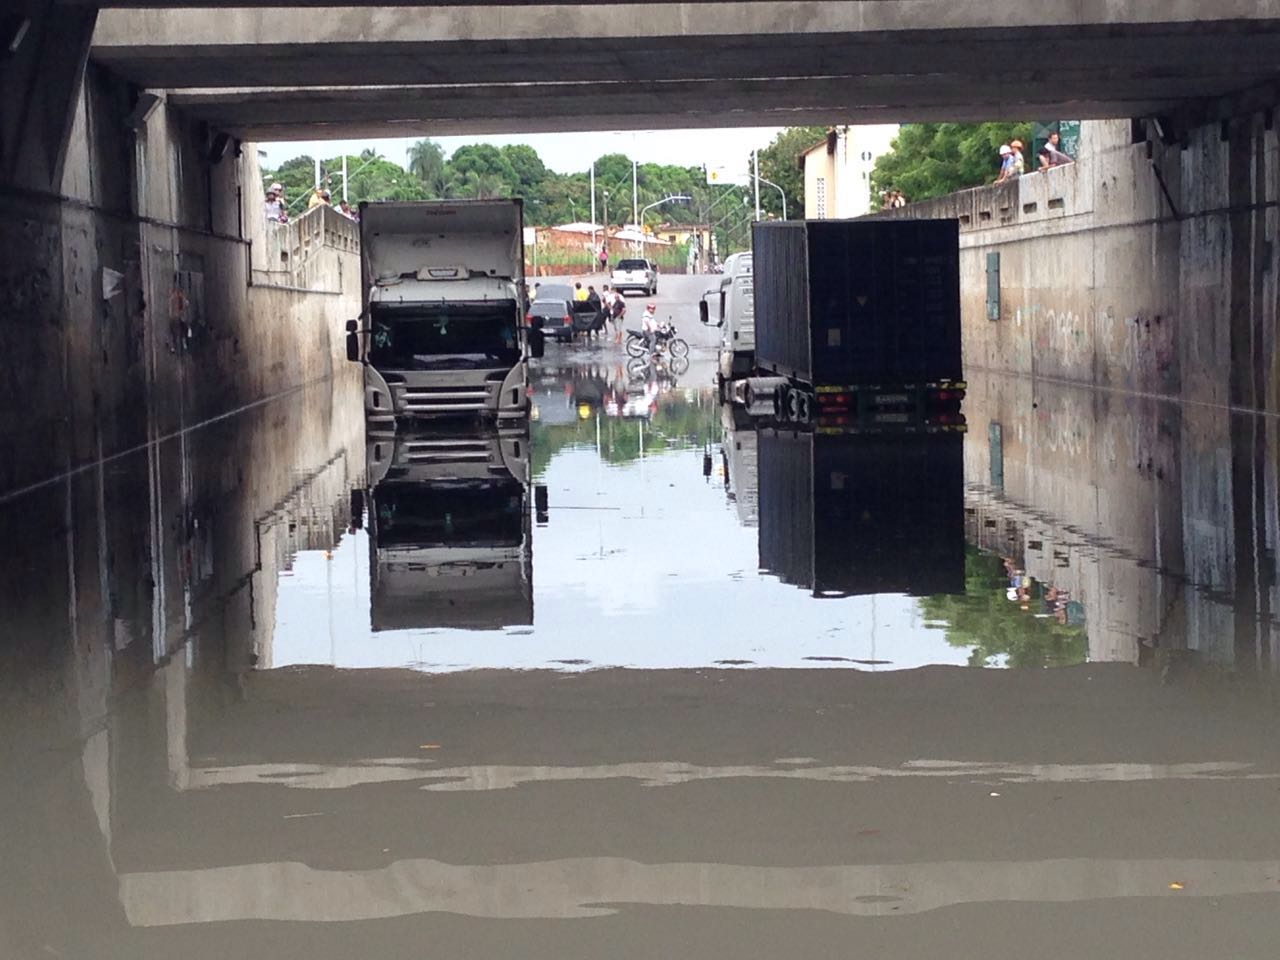 Devido a chuva, carros ficaram submersos. (FOTO: Danielle Campos)